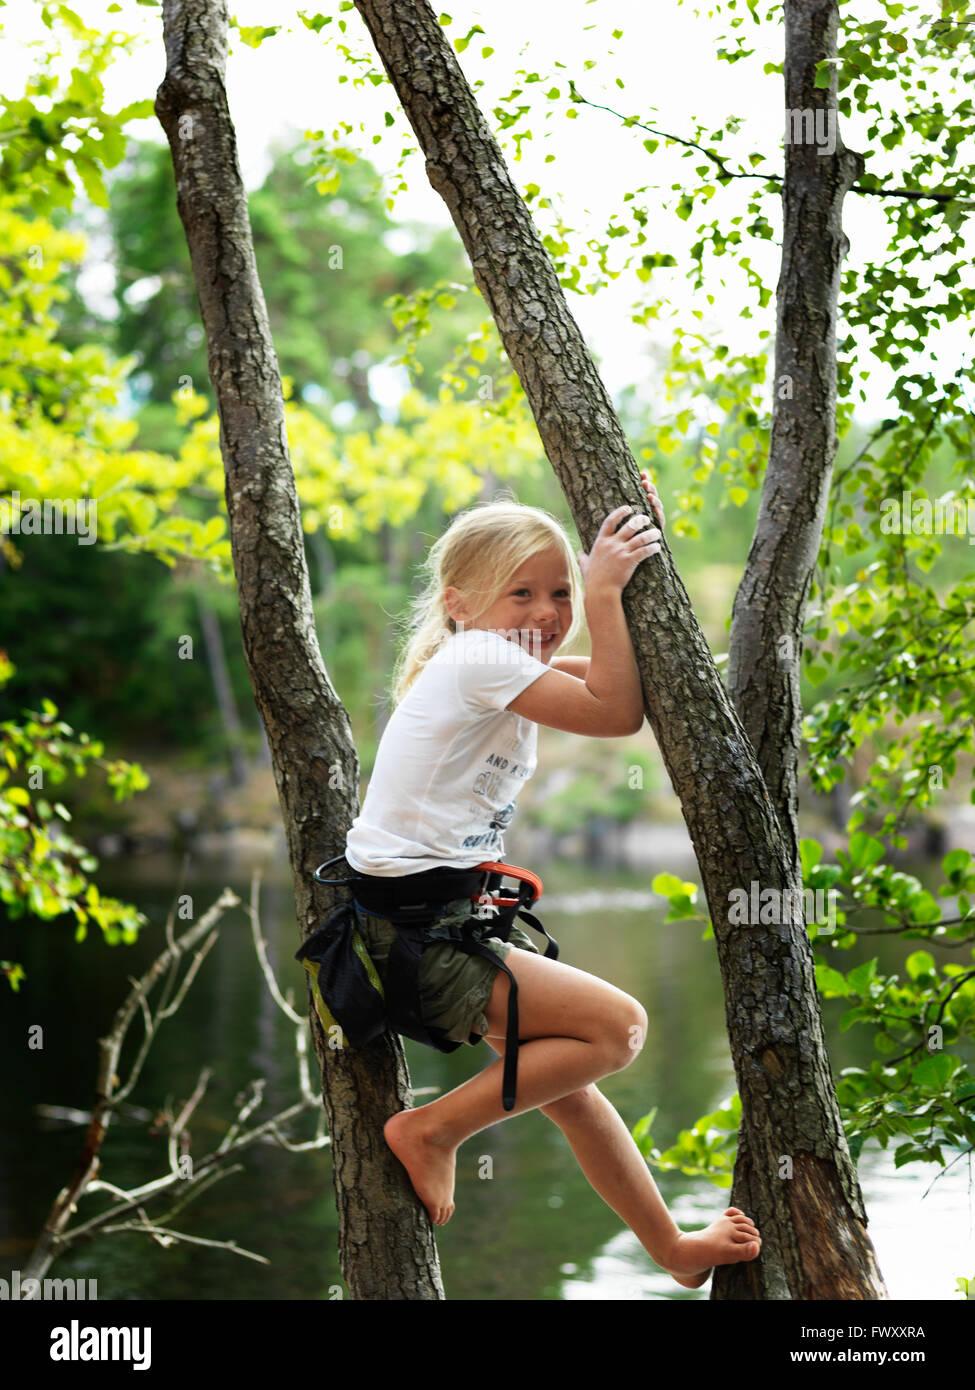 Sweden, Ostergotland, Agelsjon, Smiling girl (8-9) climbing tree - Stock Image